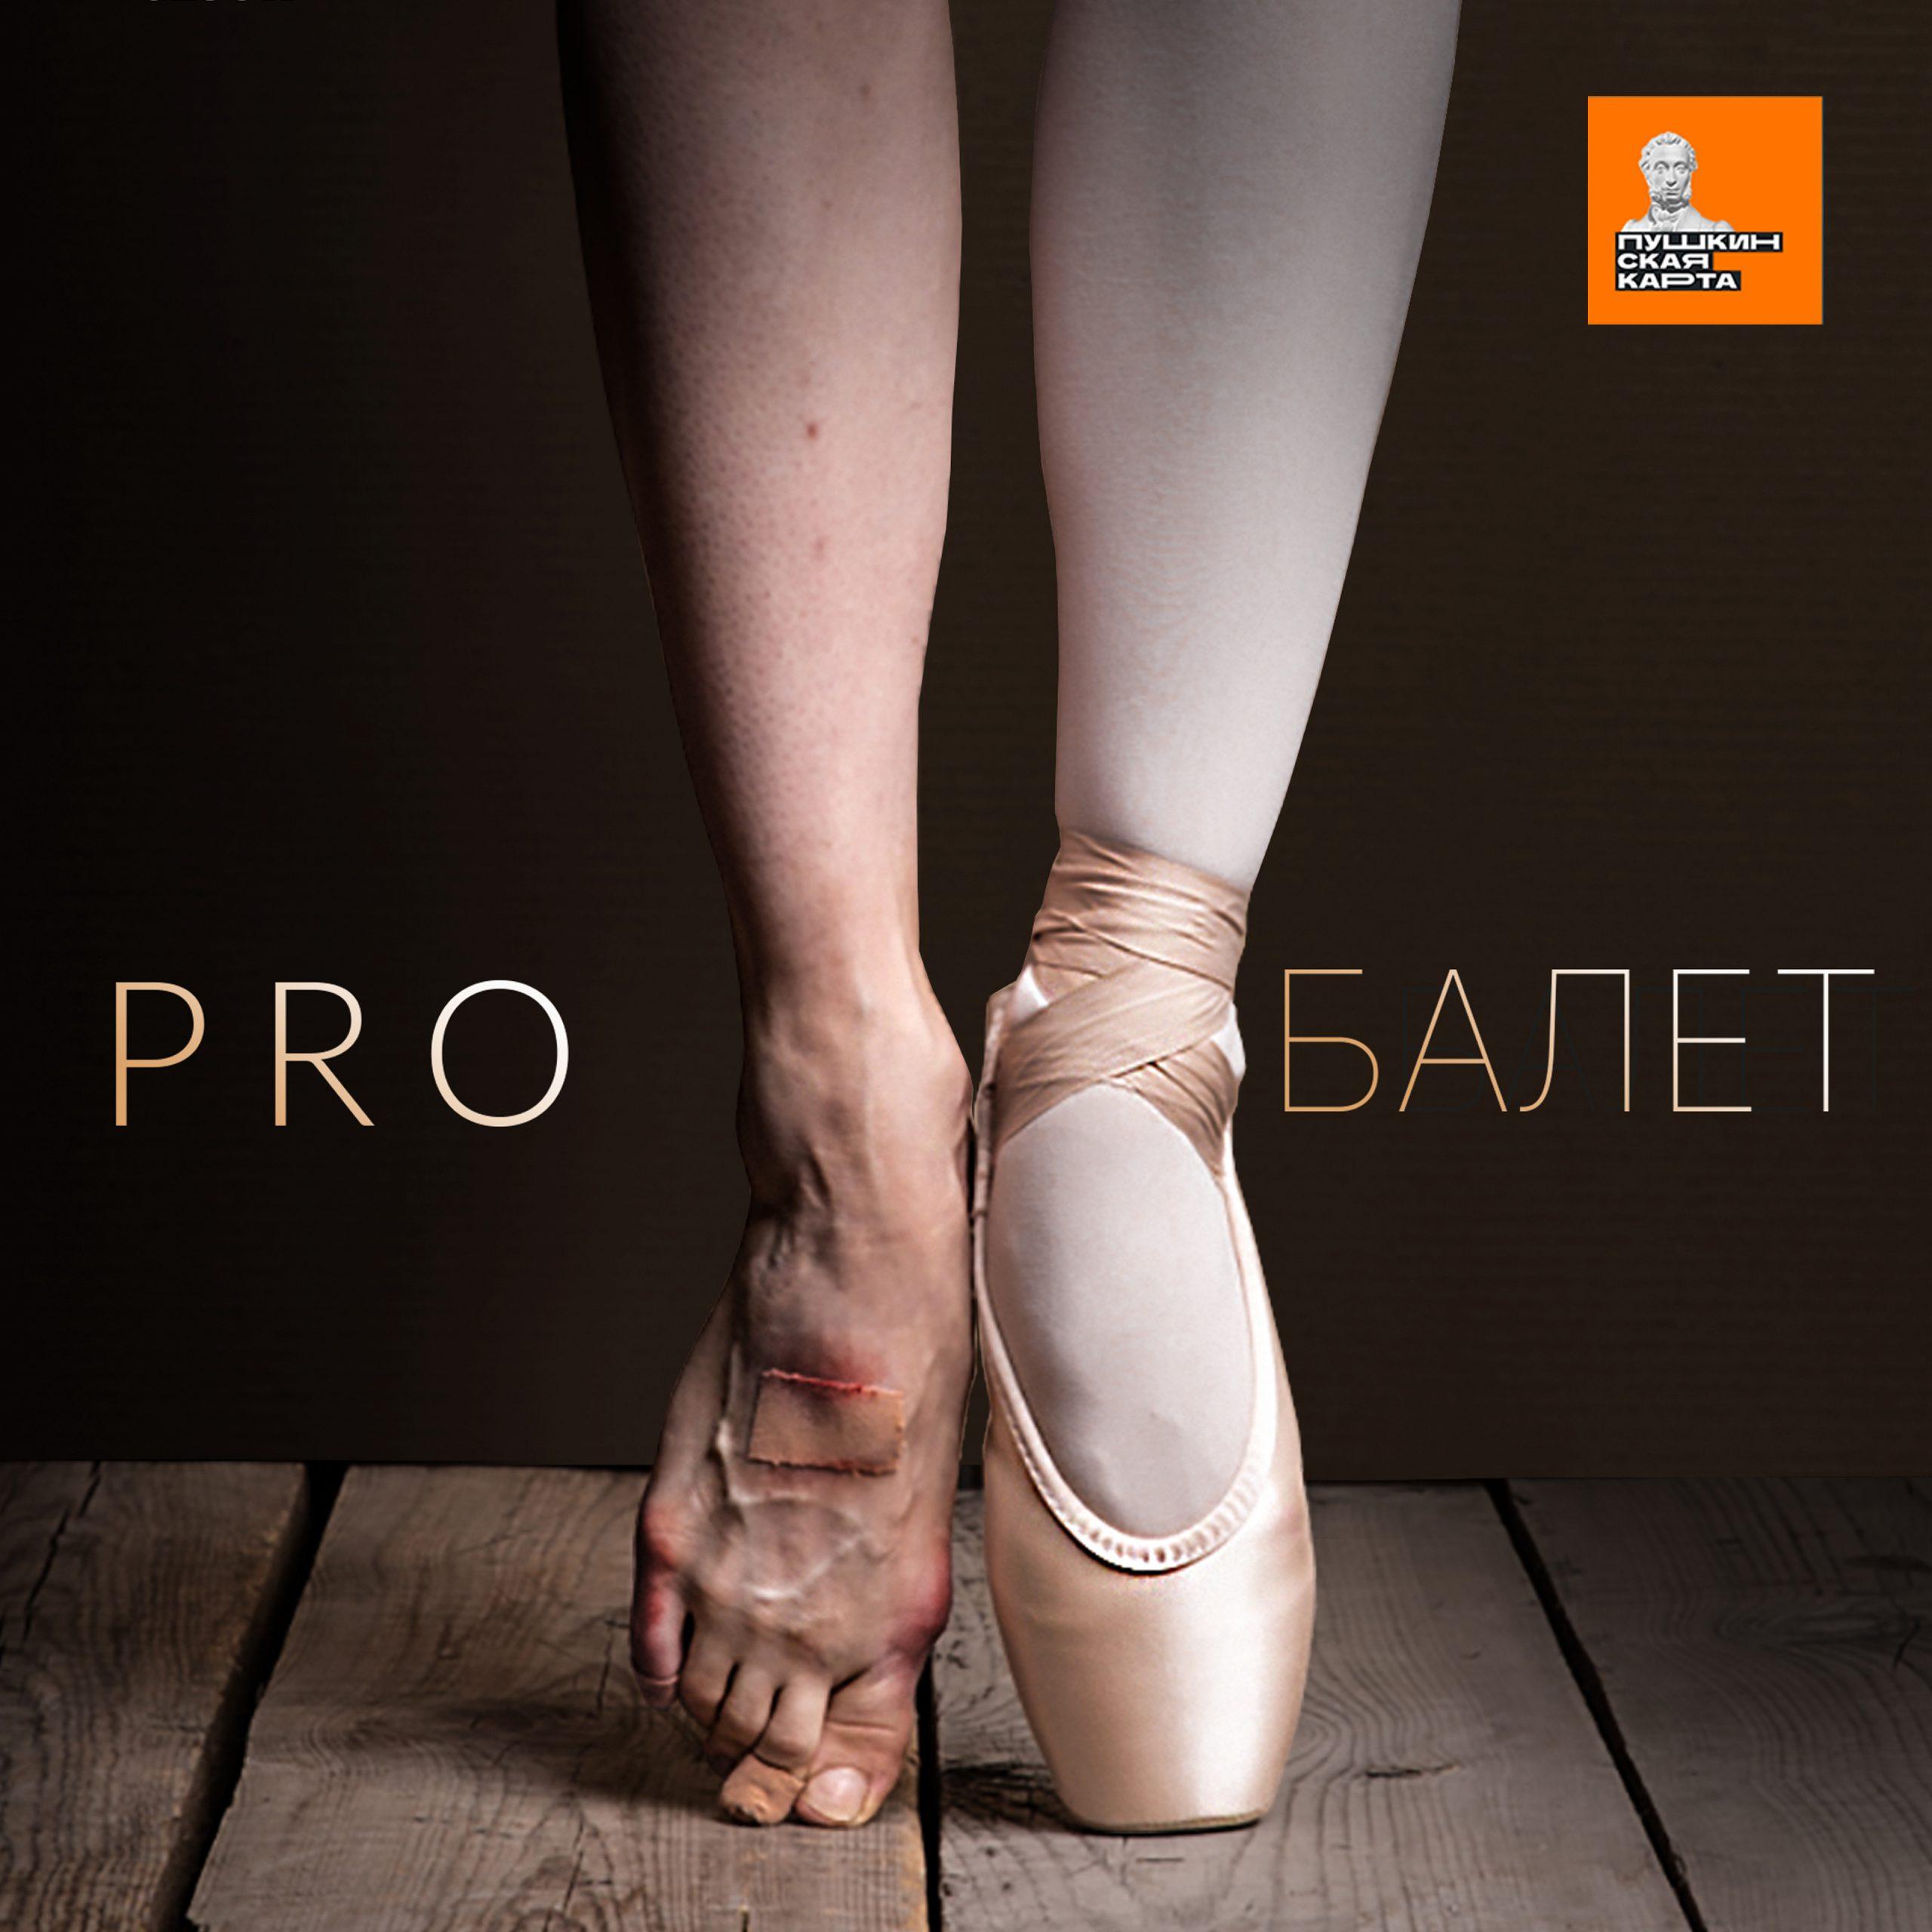 PRO балет